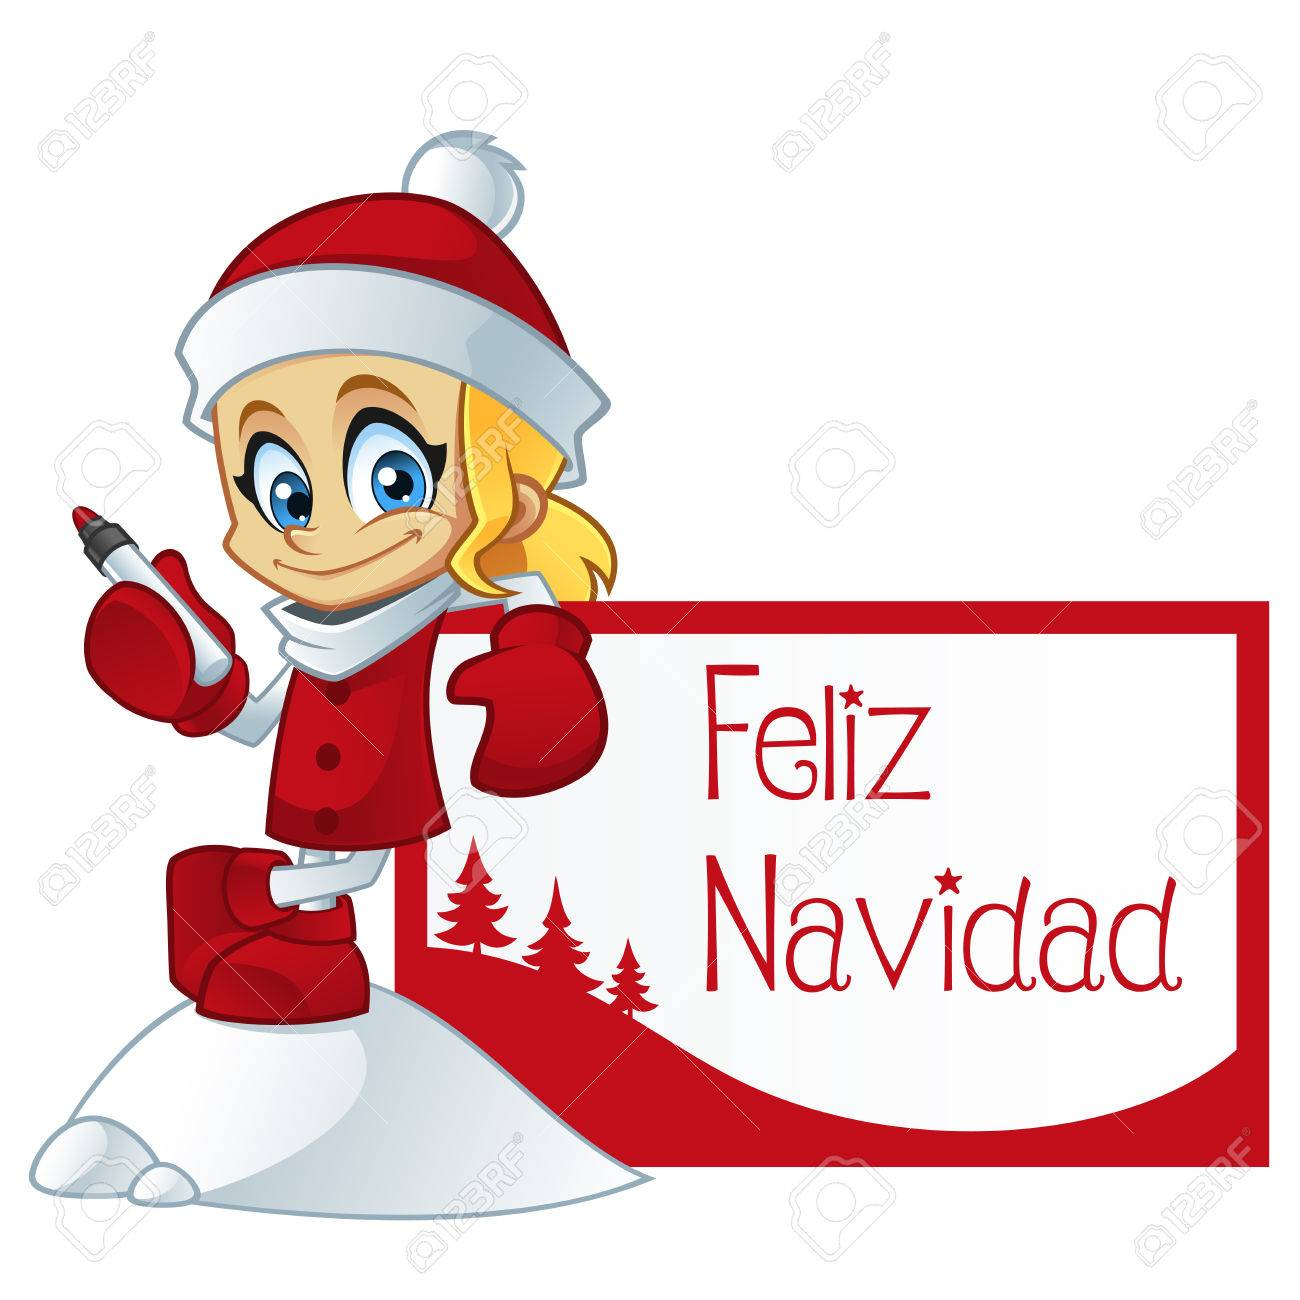 Babbo Natale In Spagnolo.Ragazza Vestita Di Babbo Natale E Un Biglietto Di Auguri Con Il Testo Di Buon Natale In Spagnolo